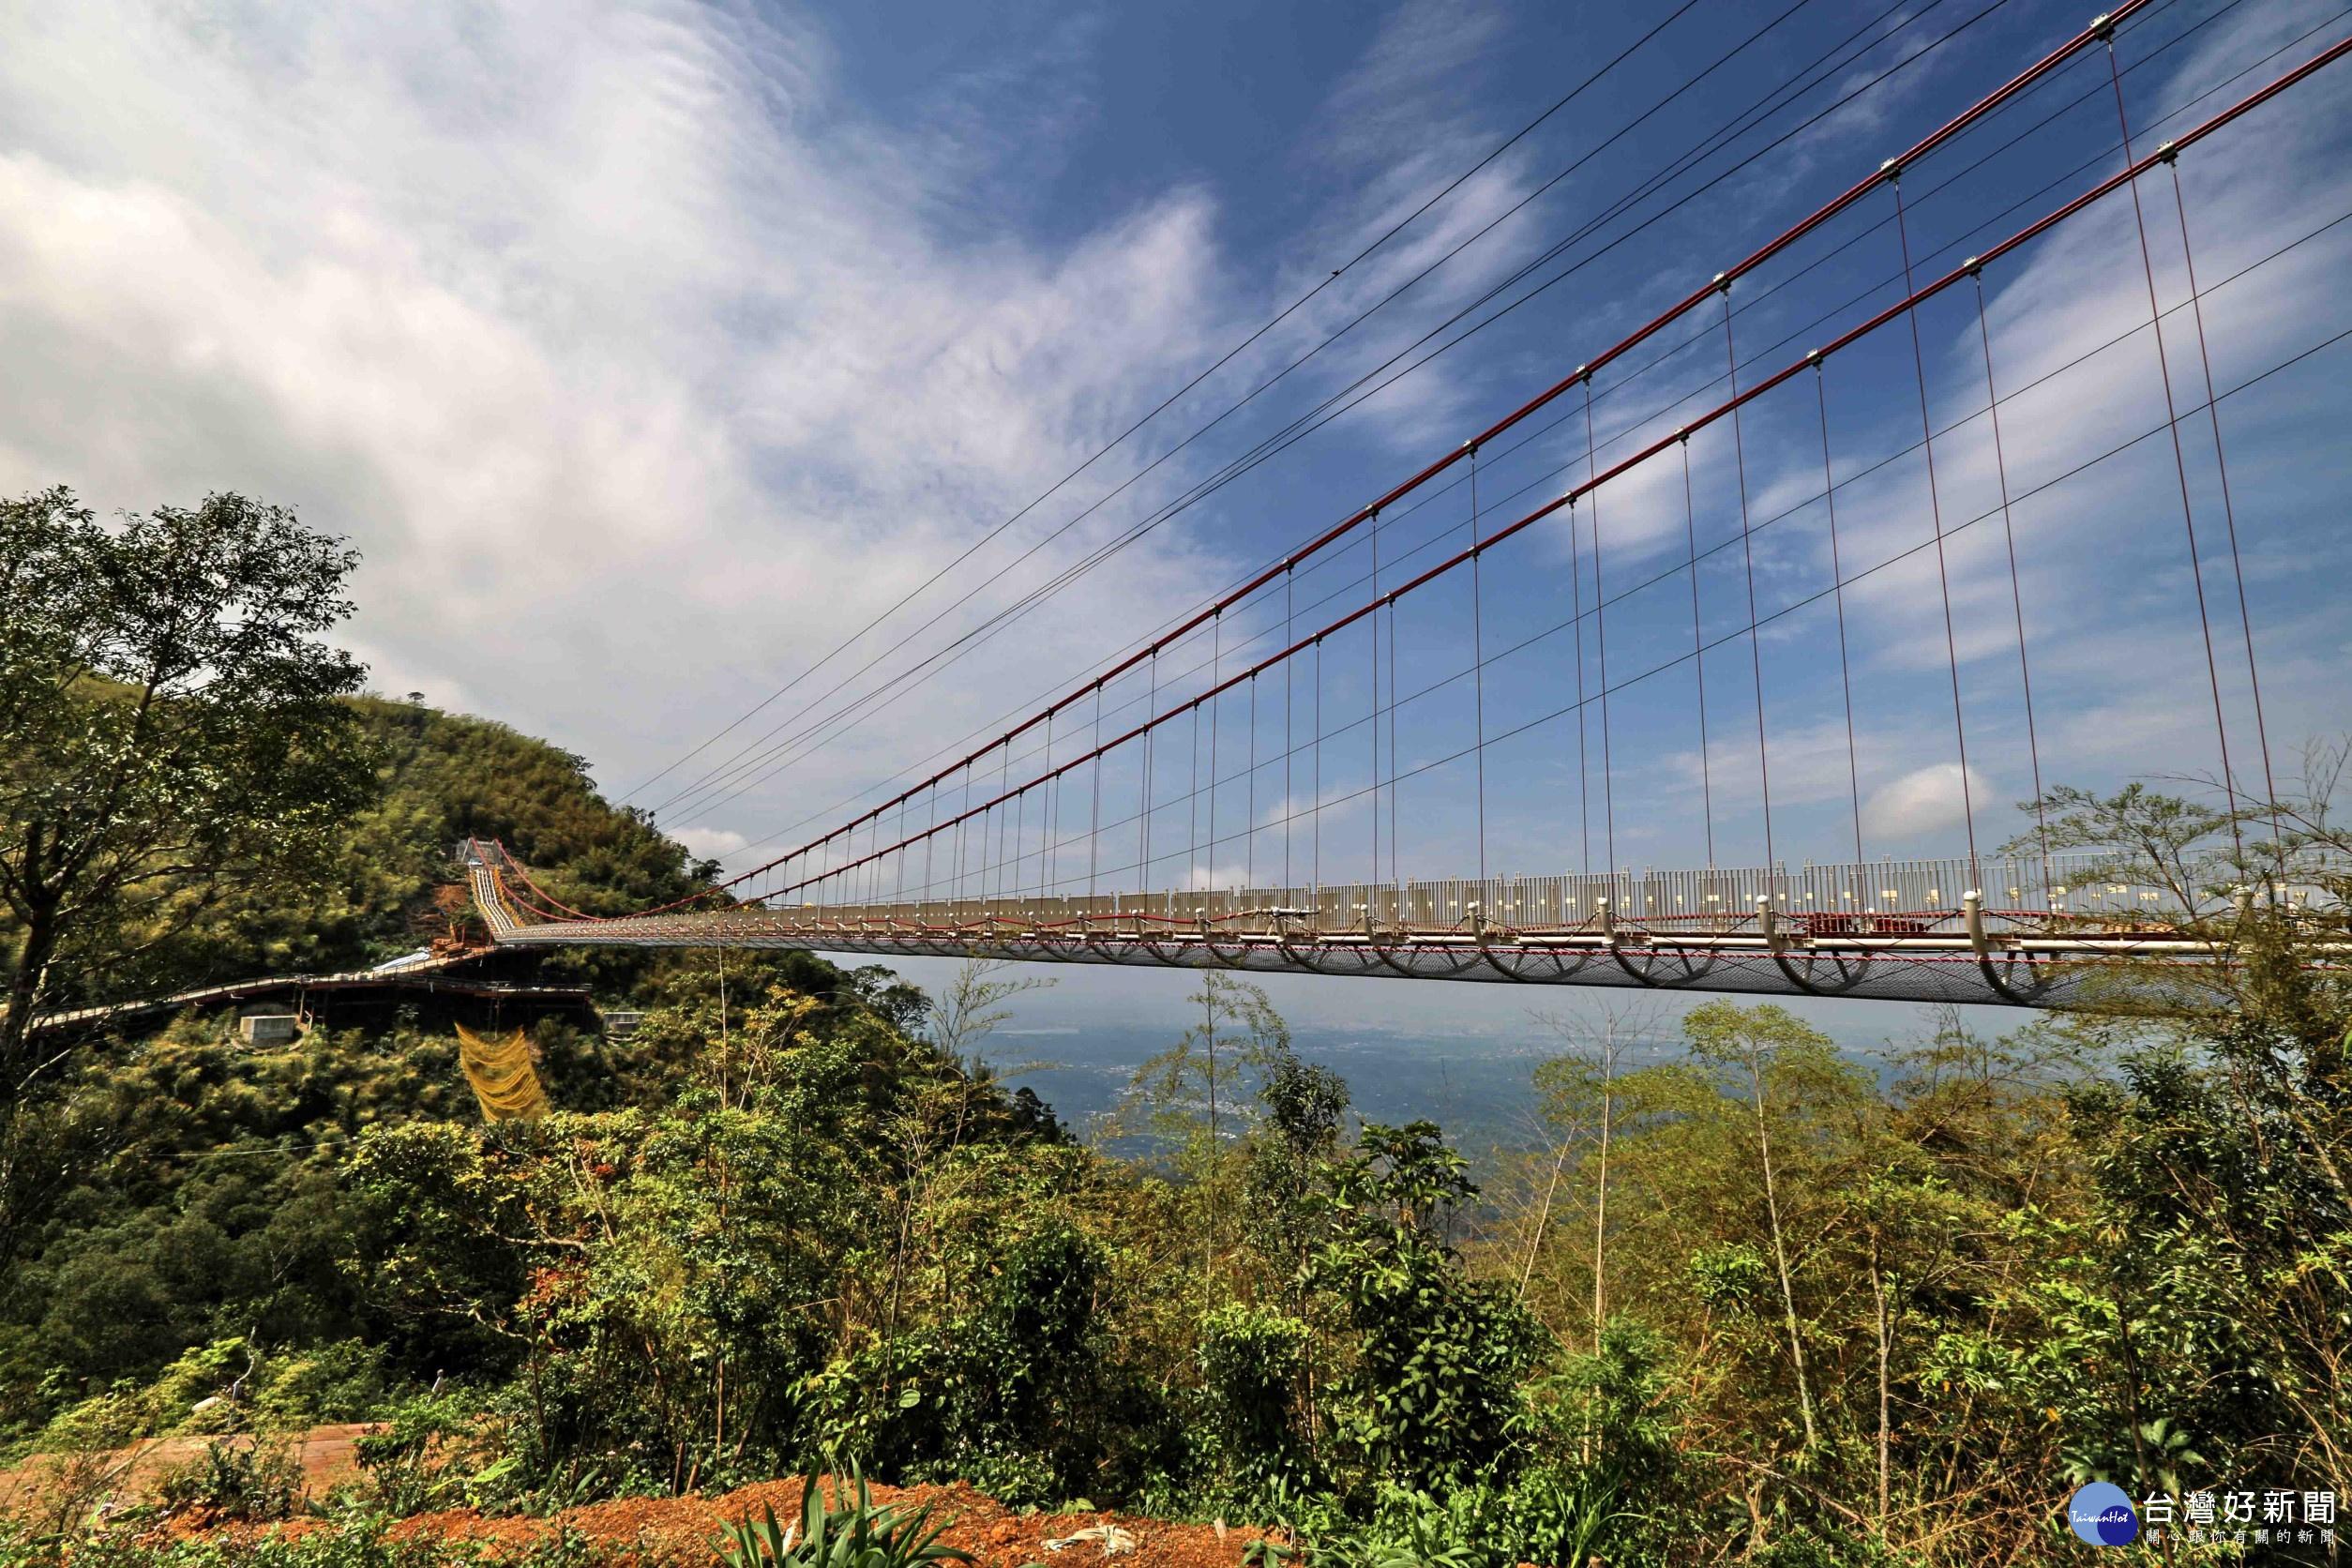 歡慶太平雲梯9/23正式啟用 梅山找茶趣邀民眾體驗在地風情